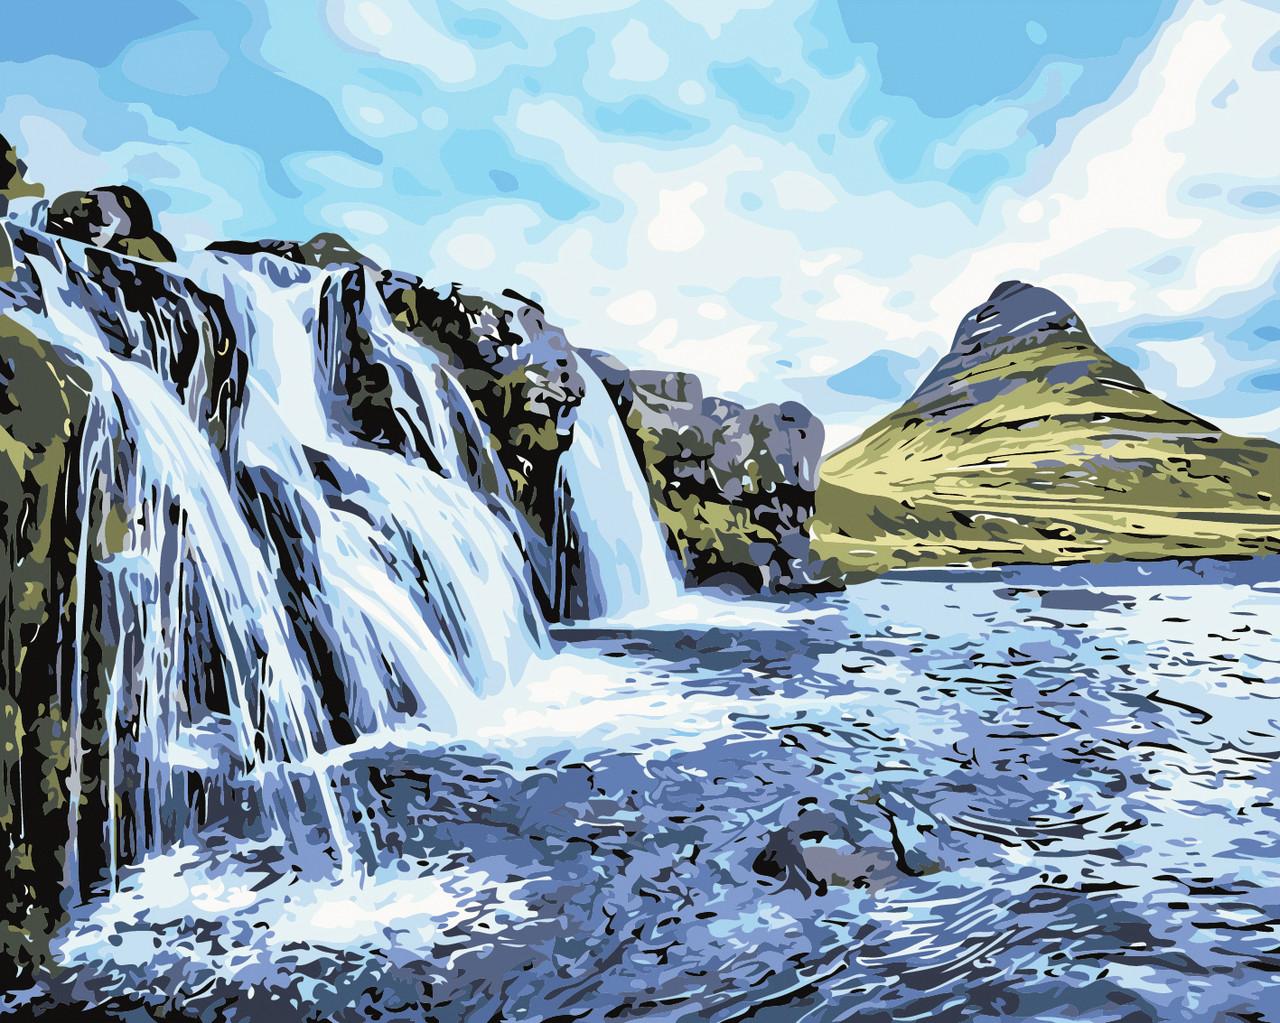 Художественный творческий набор, картина по номерам Водопады, 50x40 см, «Art Story» (AS0387)